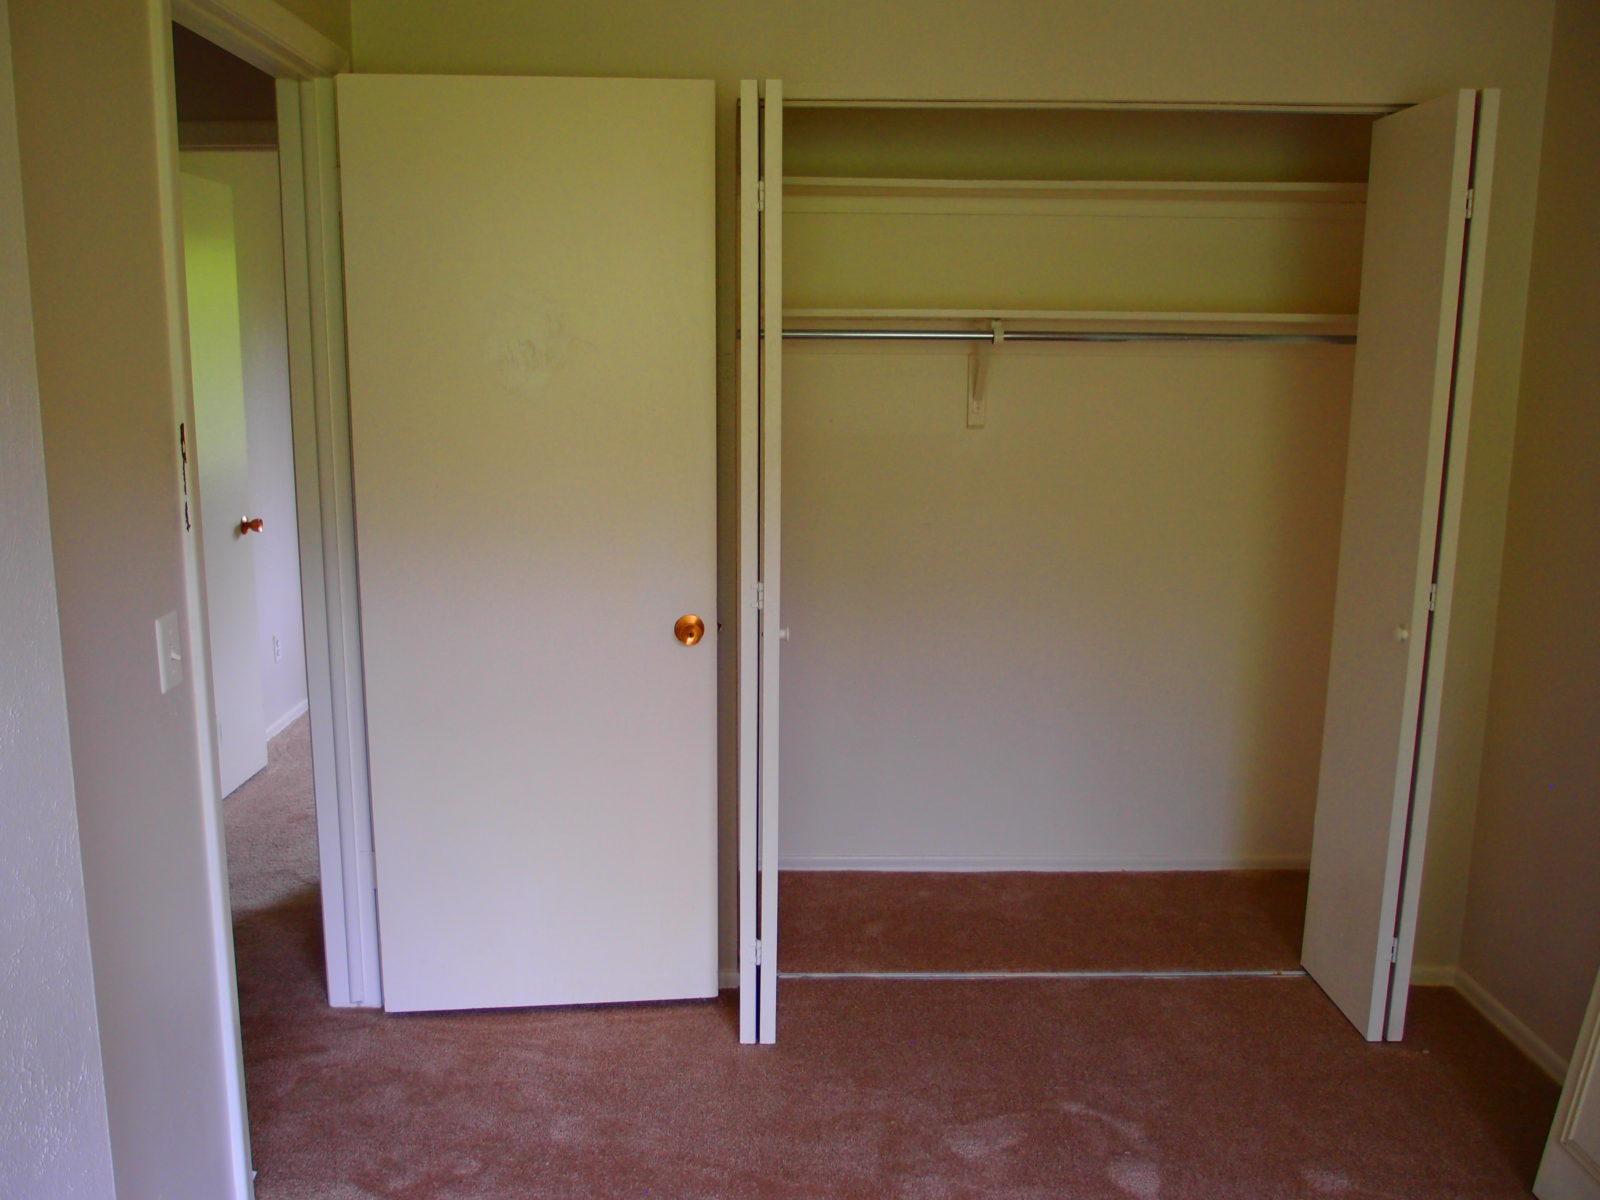 2473 Unit 2 Bed 2 Closet